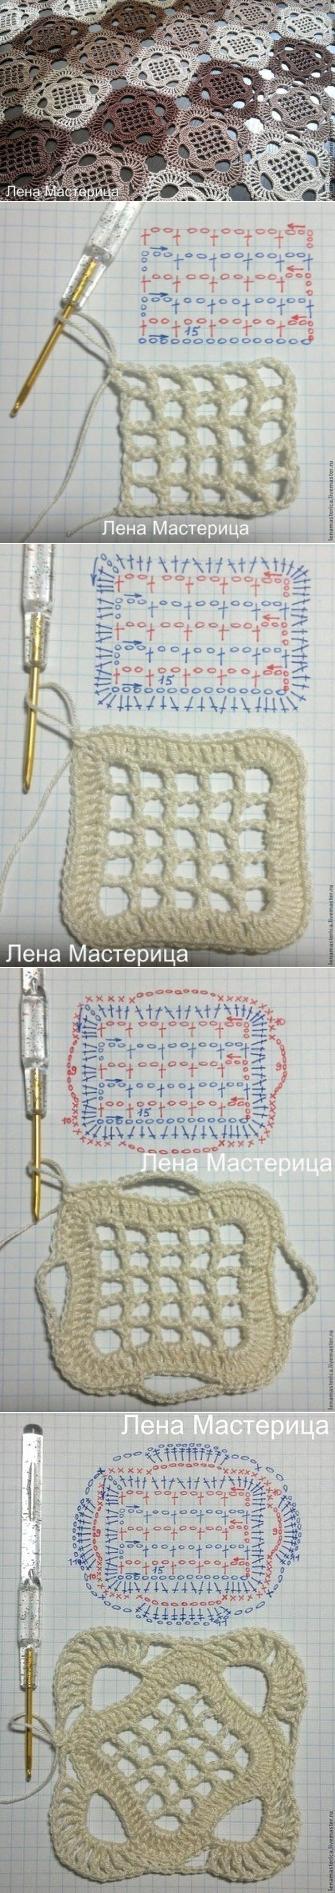 Вяжем крючком красивый квадратный мотив <3 Deniz <3